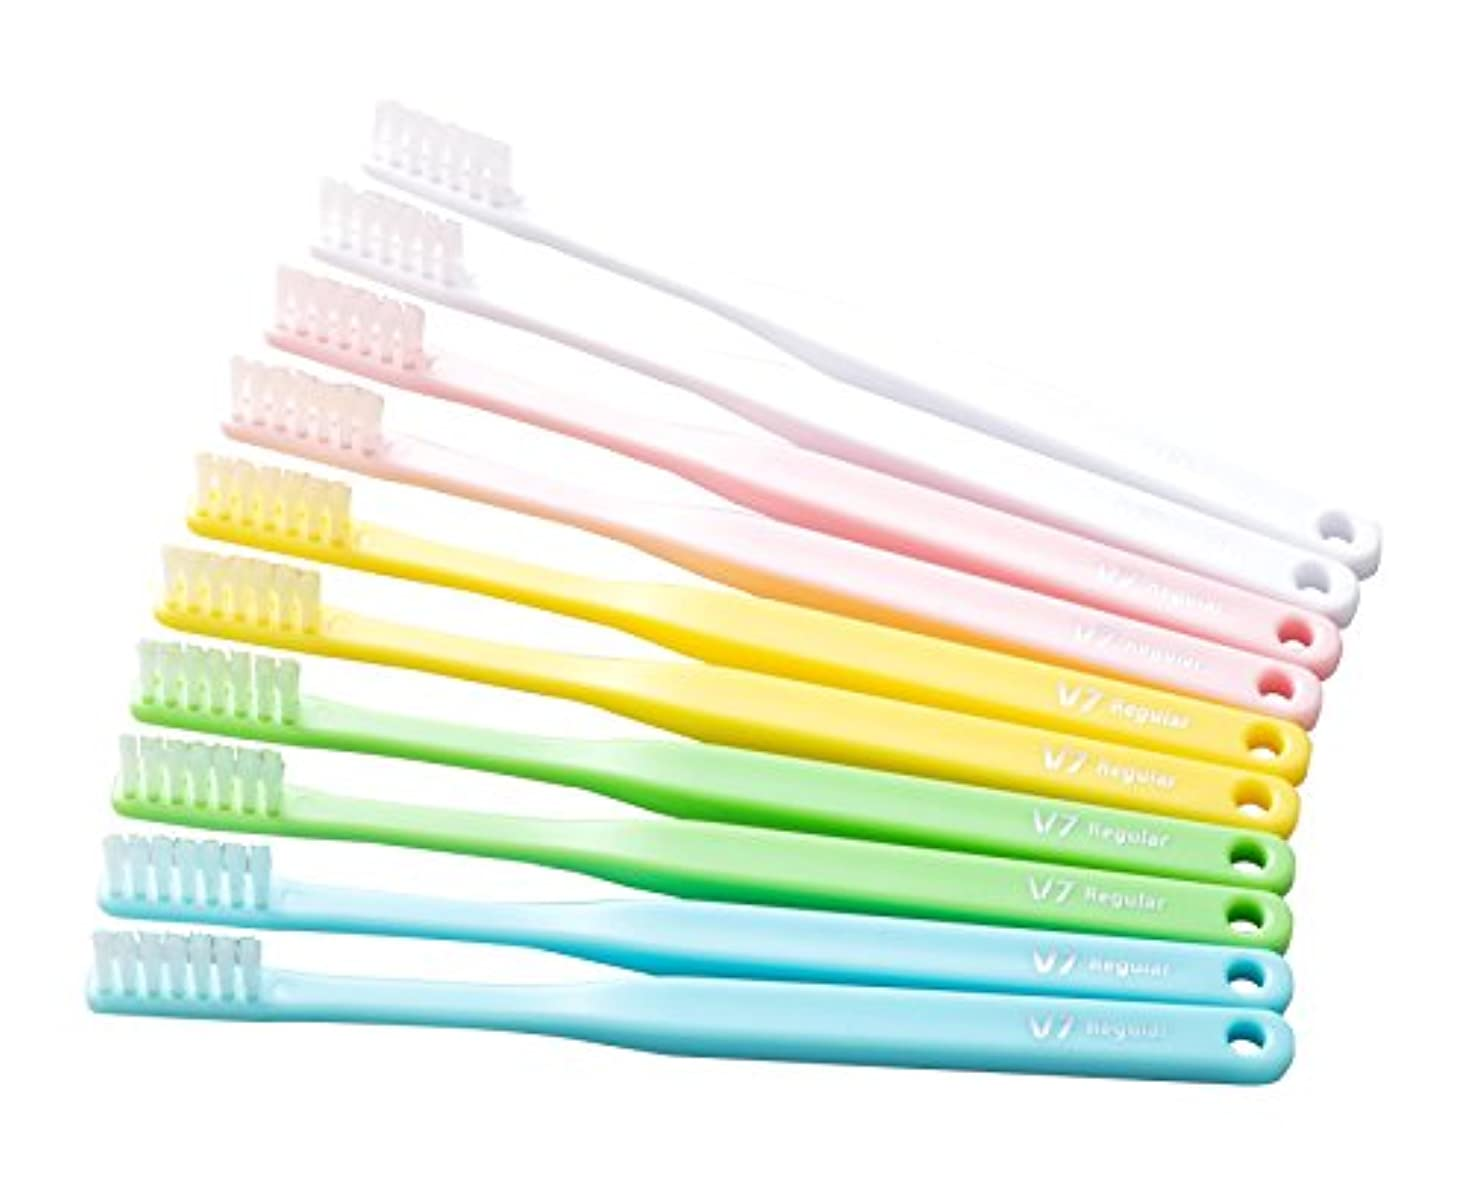 悪夢弱めるタービンつまようじ法 歯ブラシ V-7 レギュラーヘッド 歯科向け 10本入